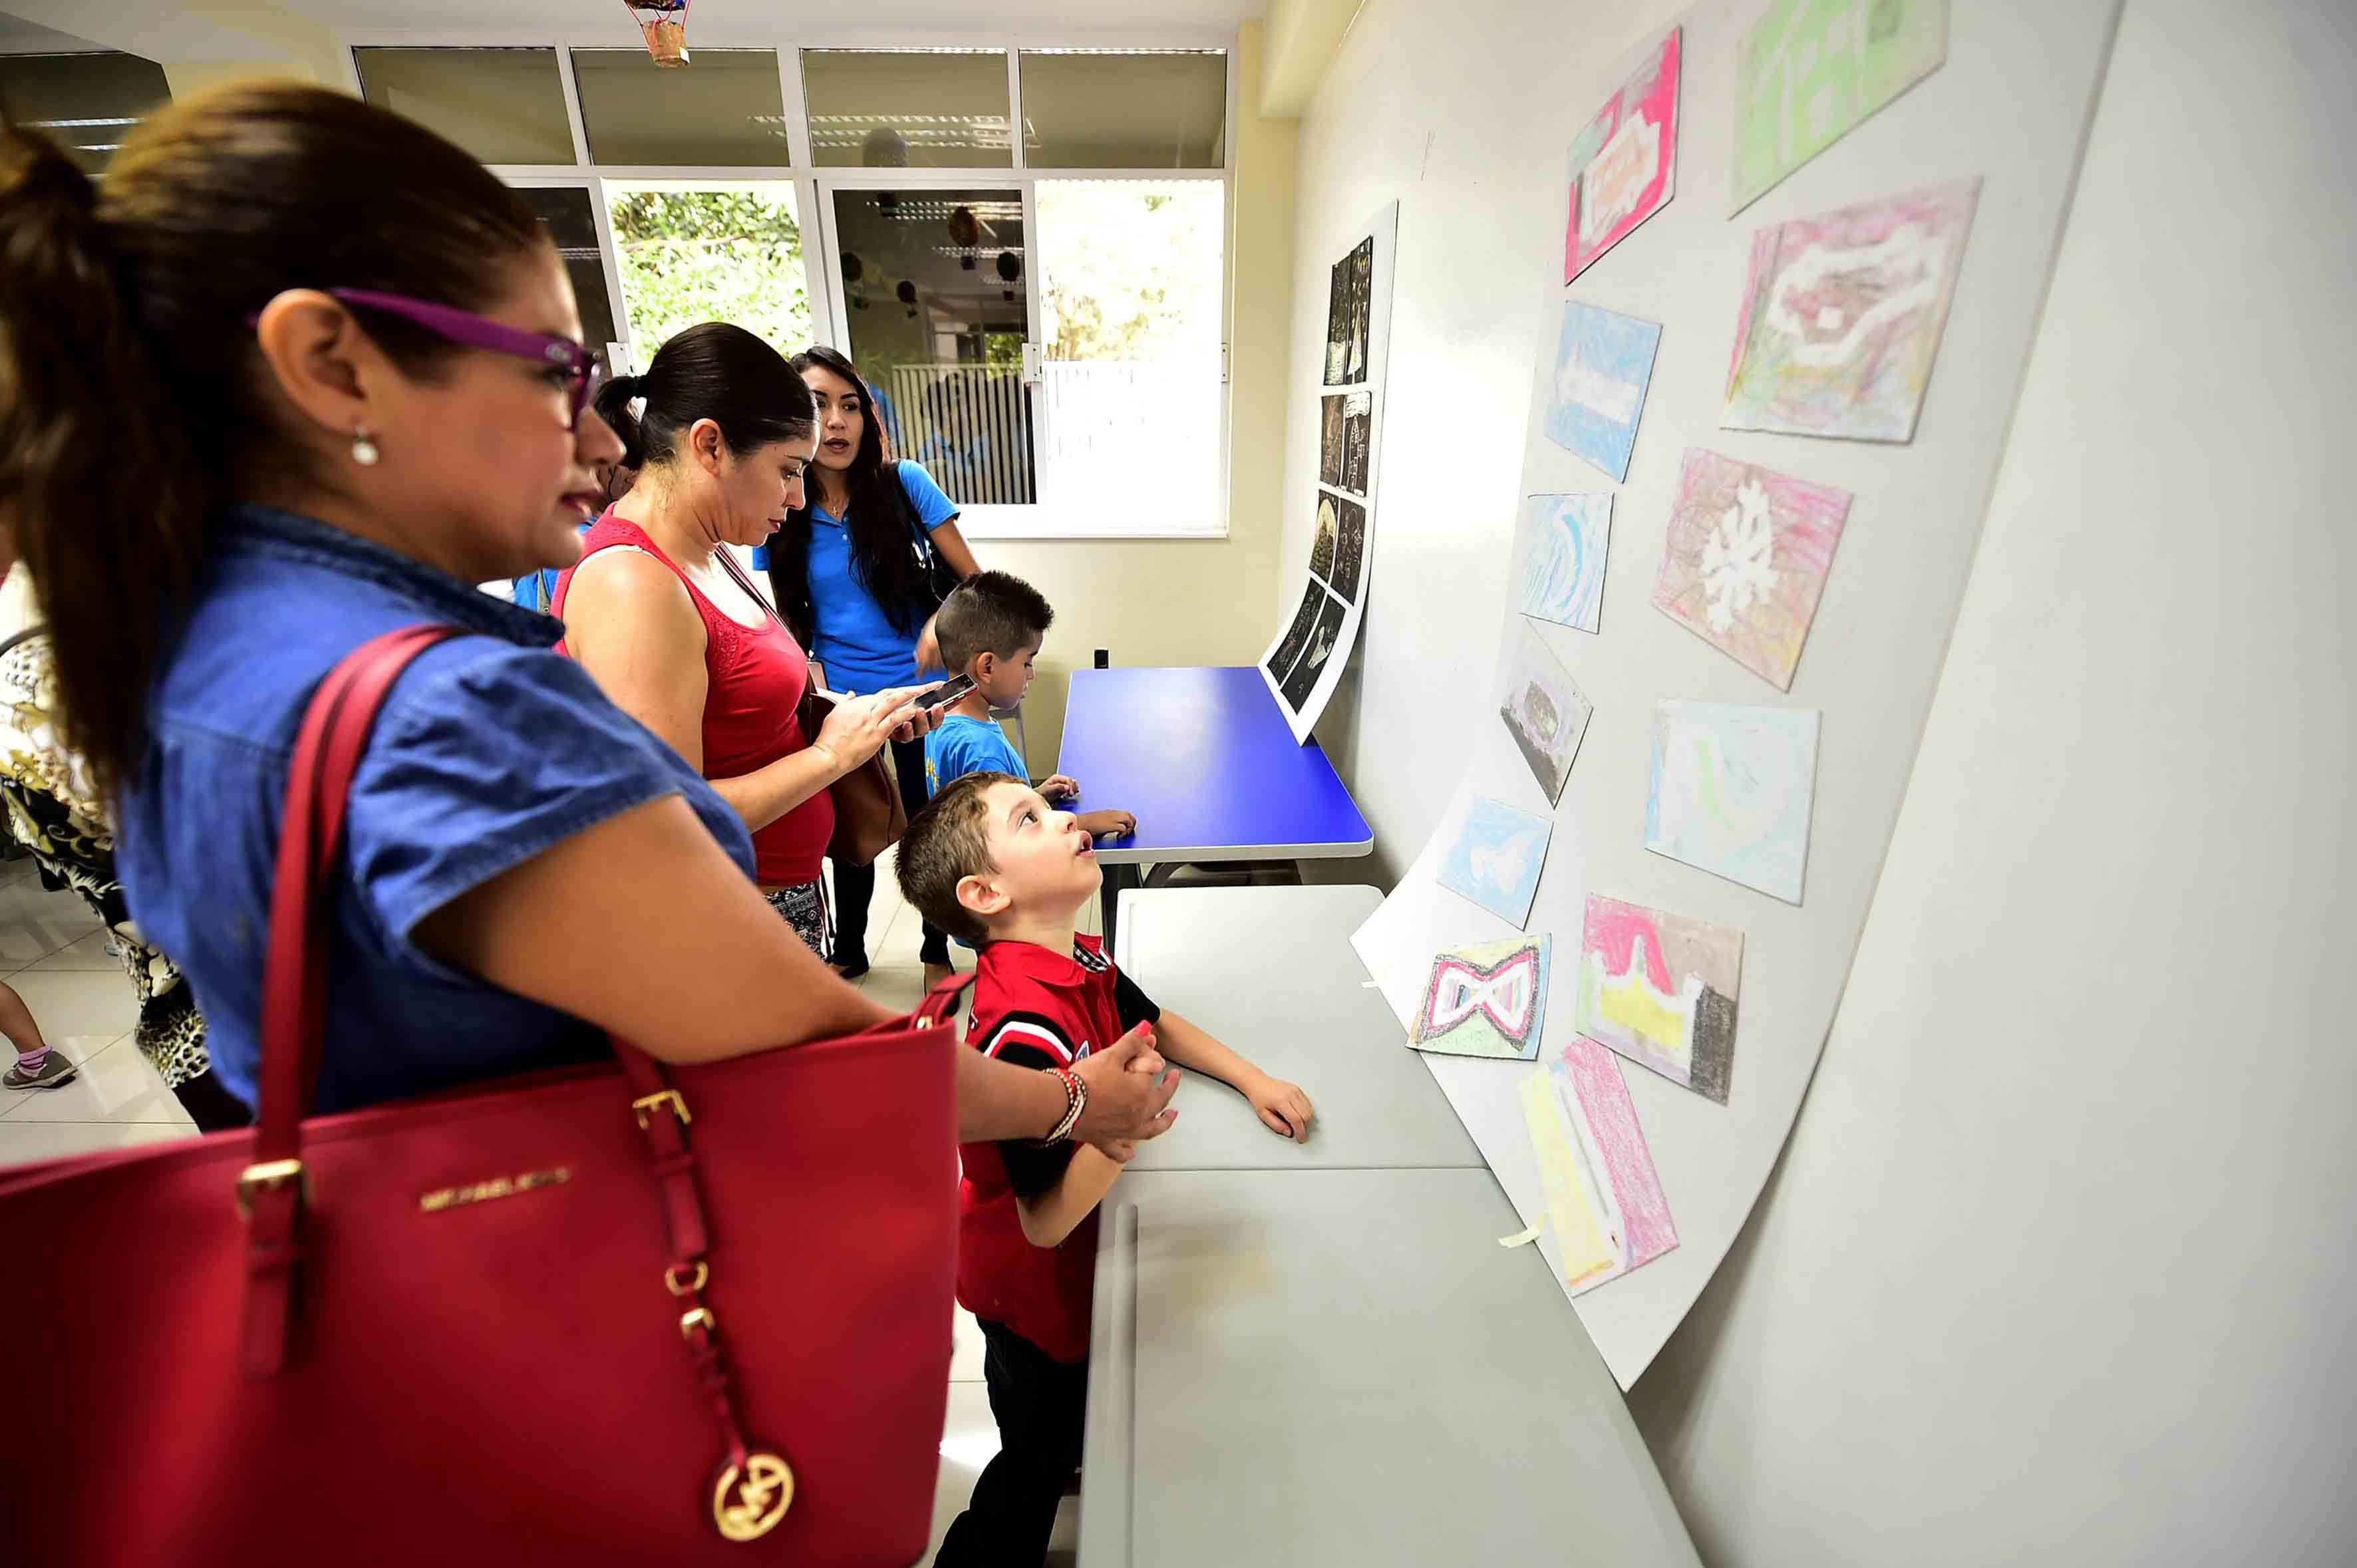 Padres de familia vendo dibujos de la exposición